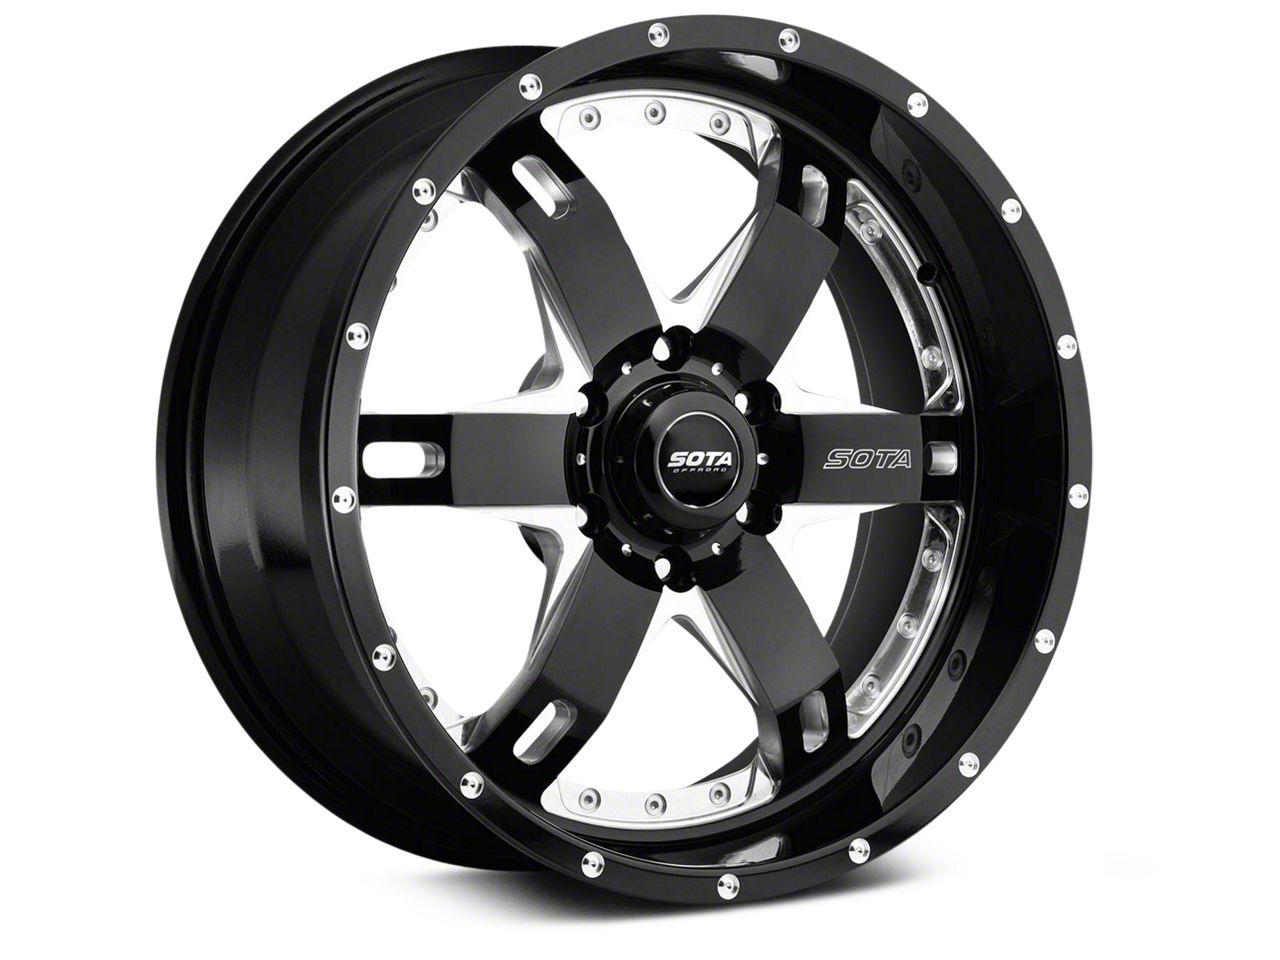 SOTA Off Road REPR Death Metal 6-Lug Wheel - 20x9 (99-18 Silverado 1500)